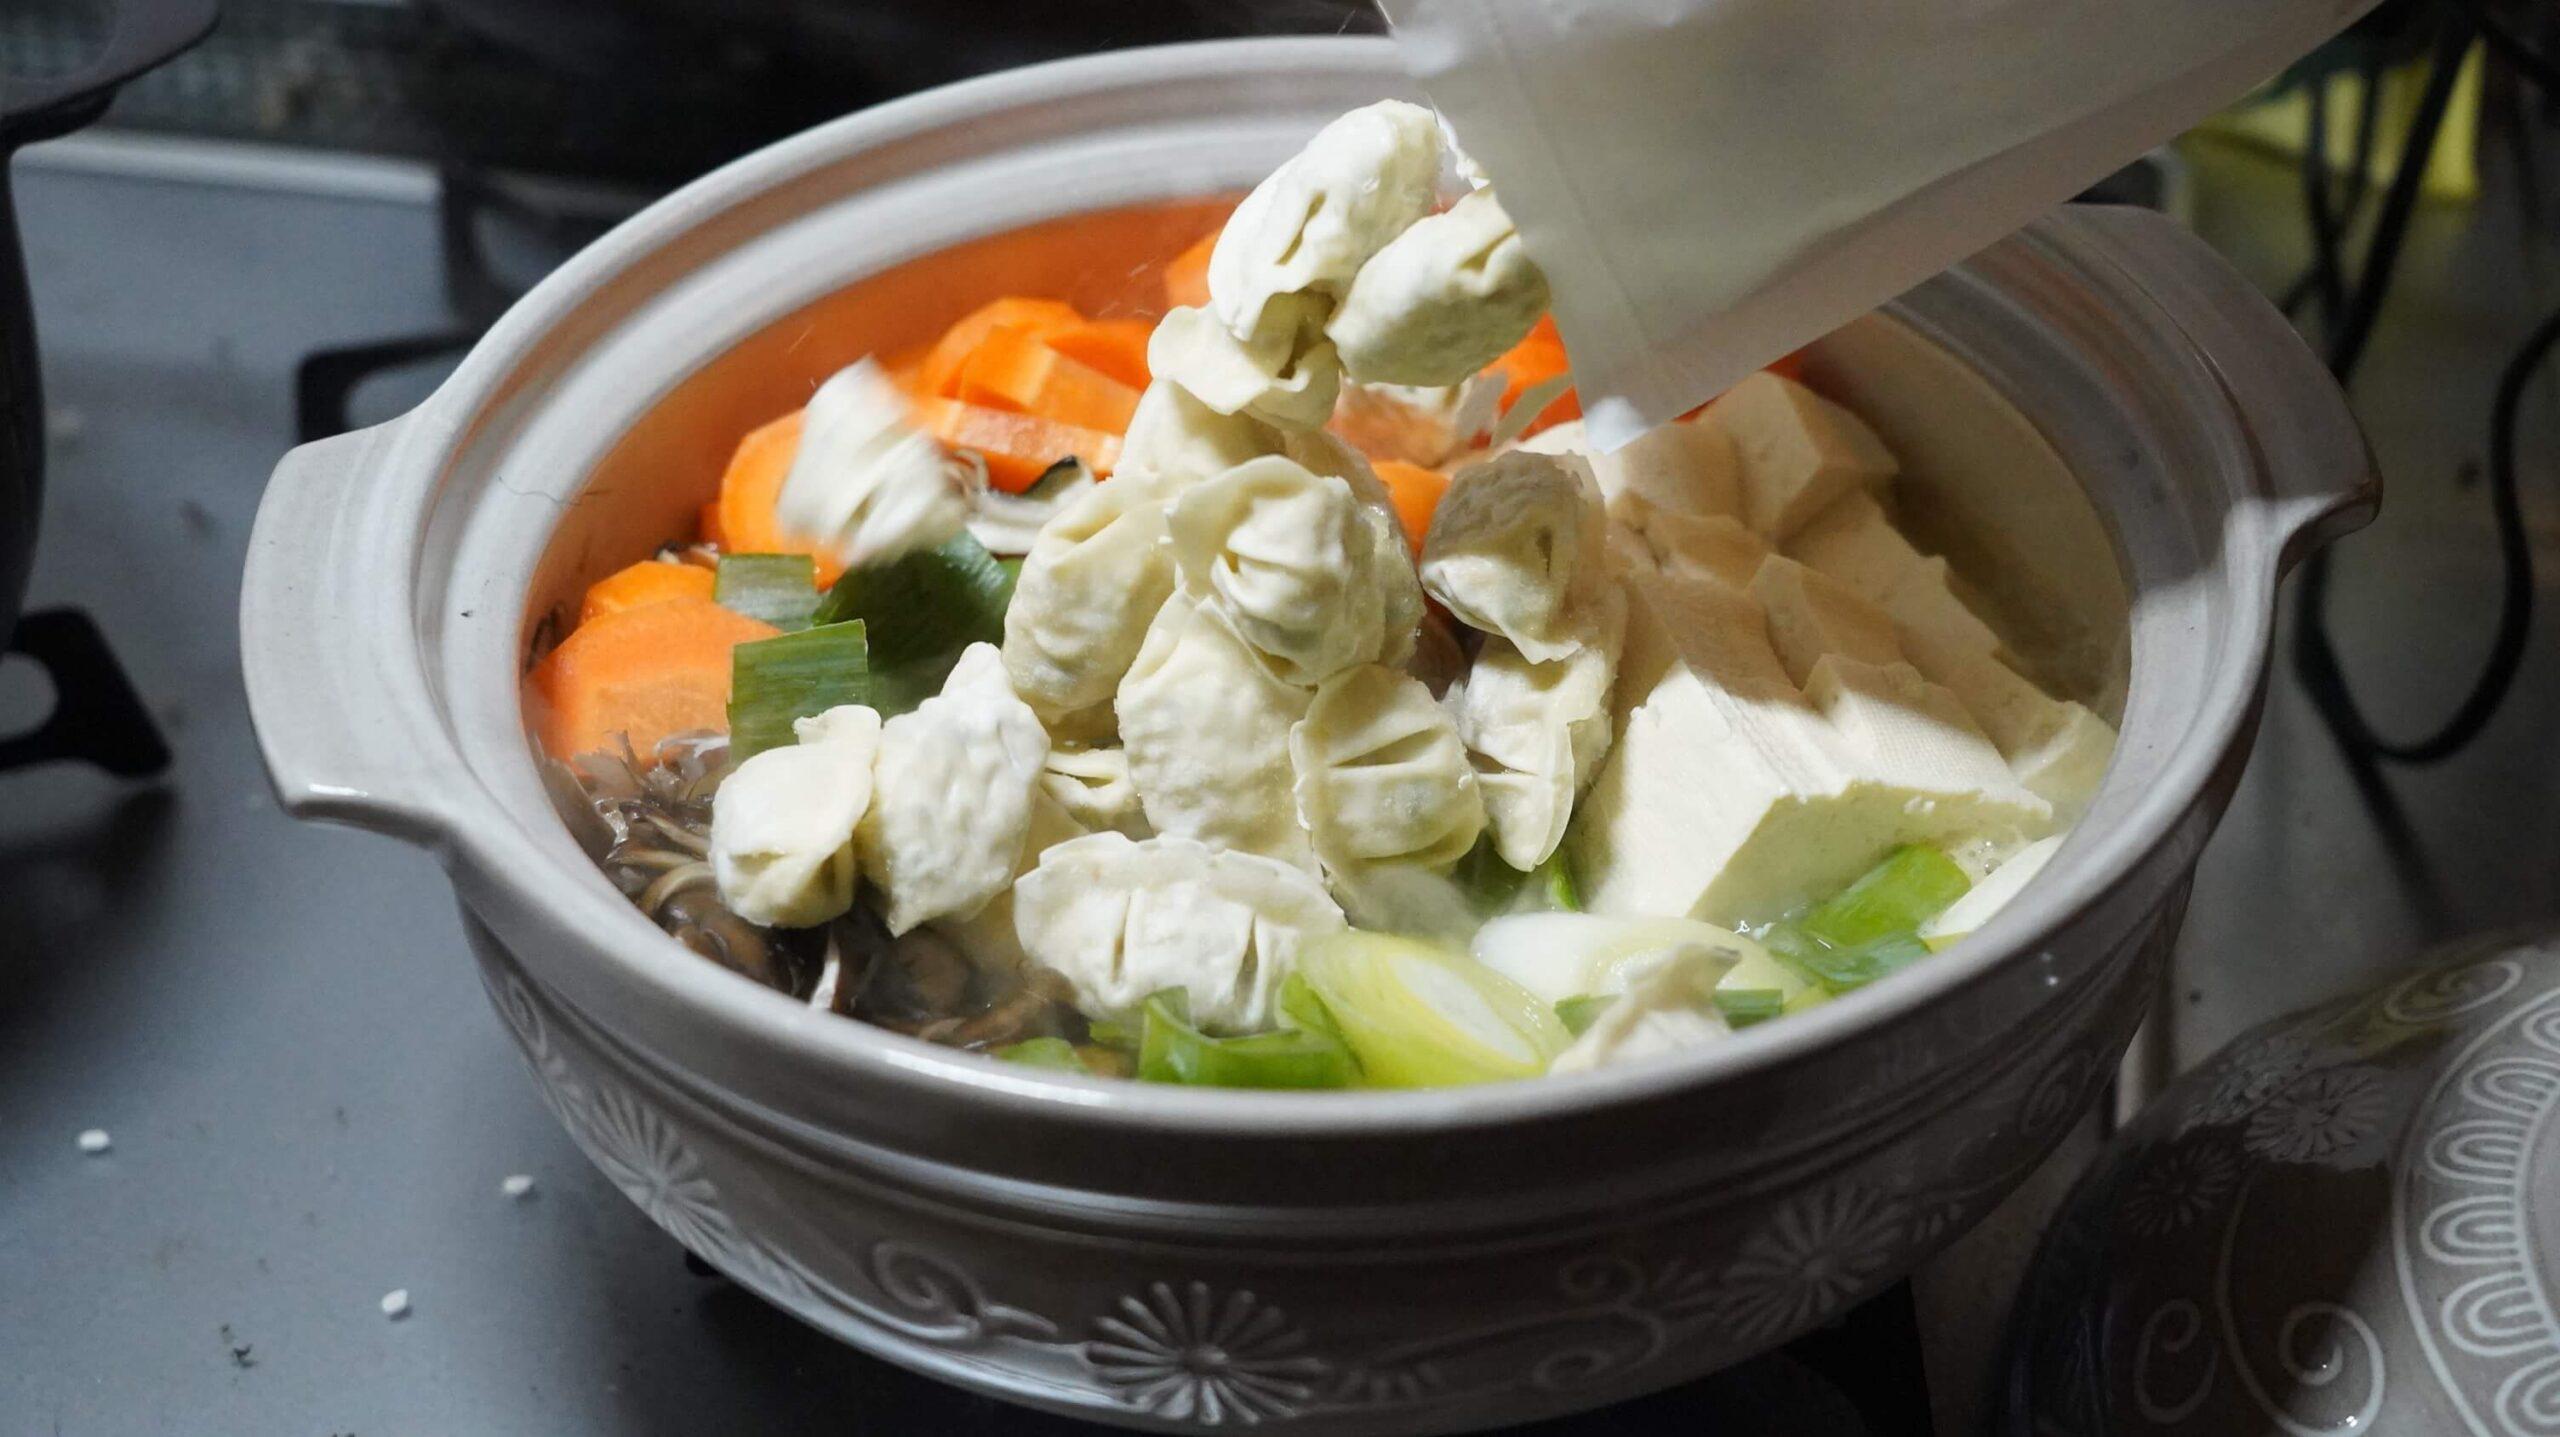 コストコの冷凍食品「bibigo 水餃子」を鍋に入れている写真